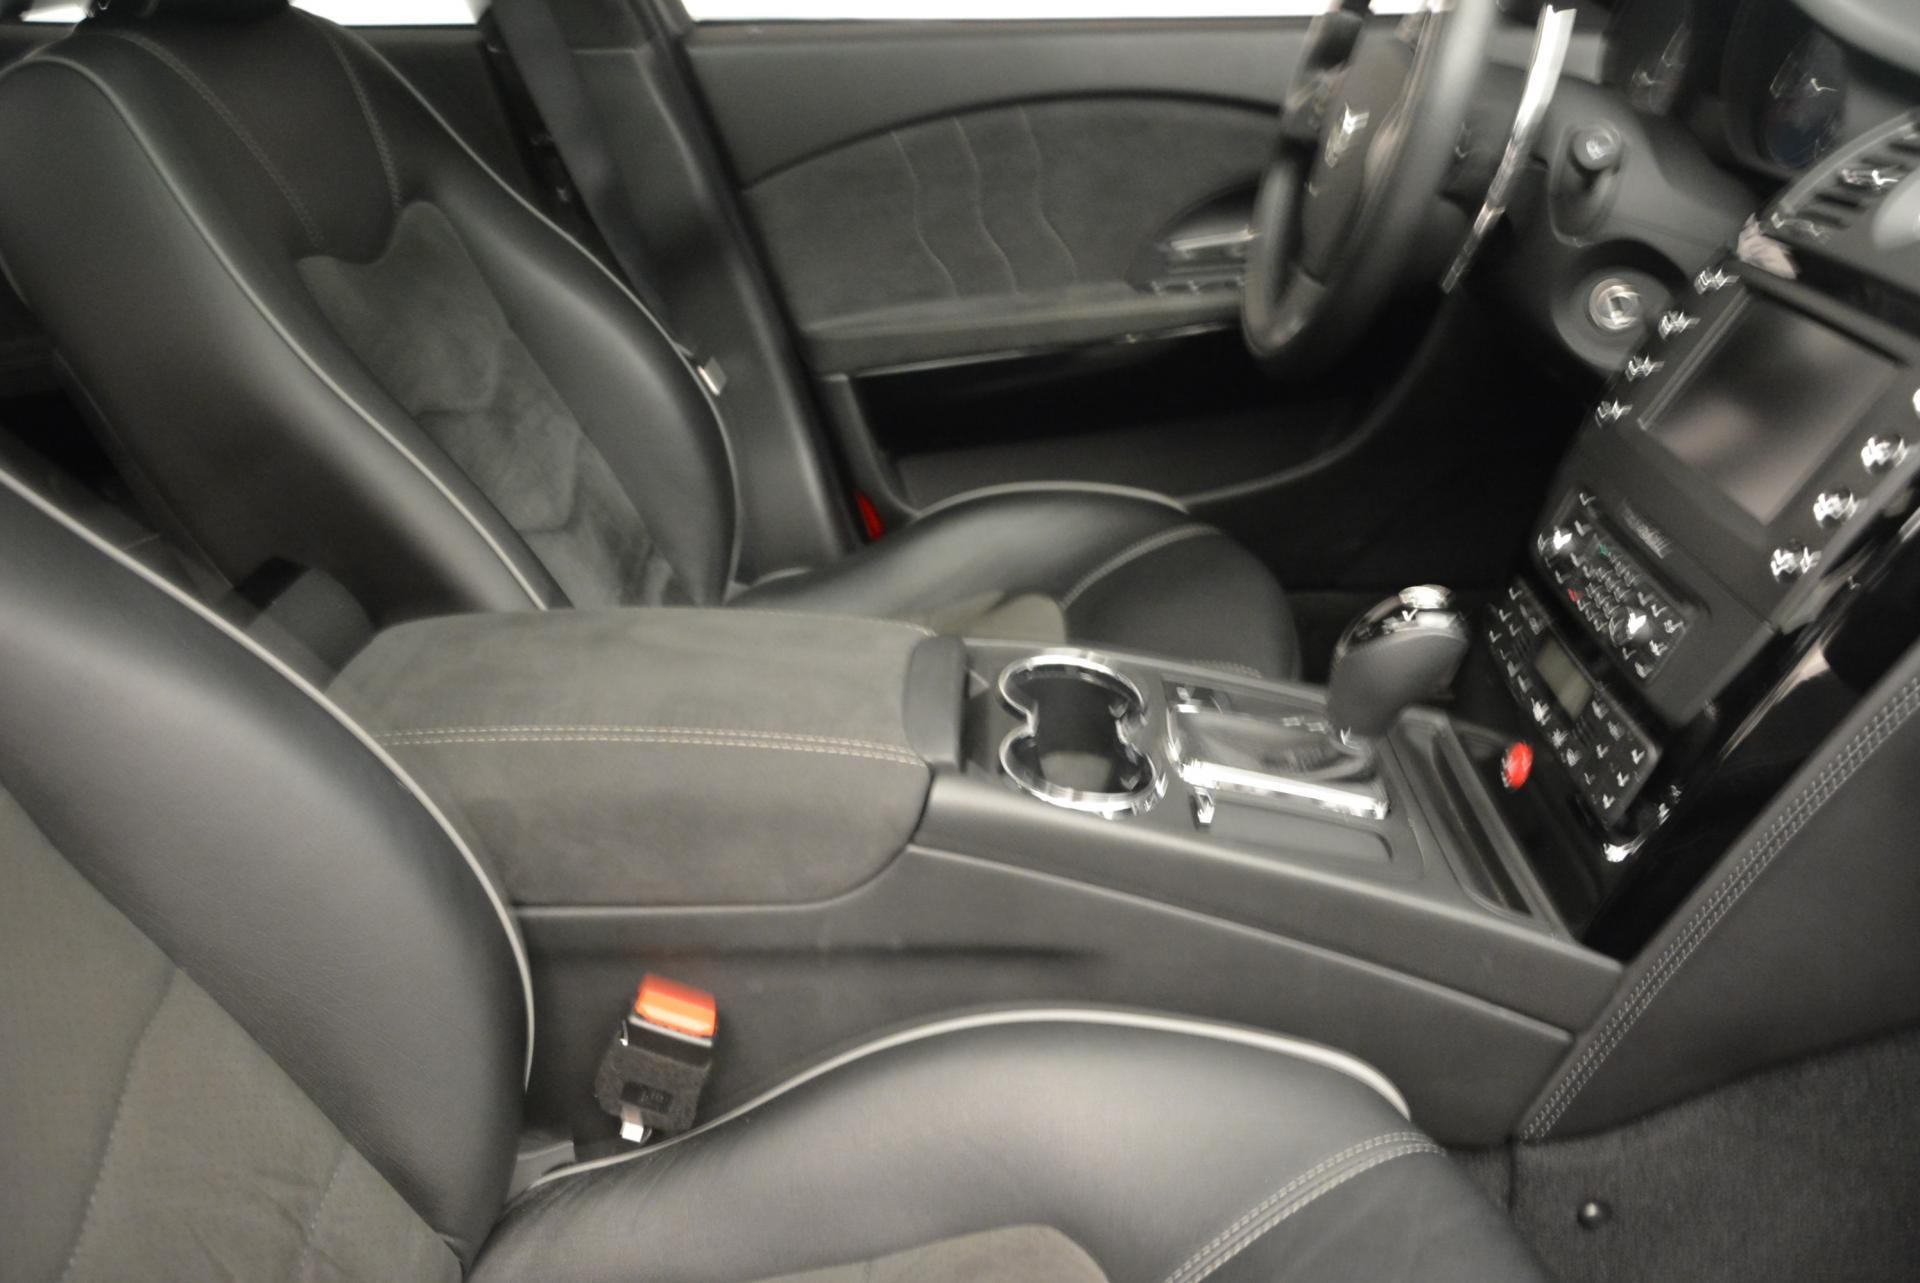 Used 2011 Maserati Quattroporte Sport GT S For Sale In Greenwich, CT 531_p23